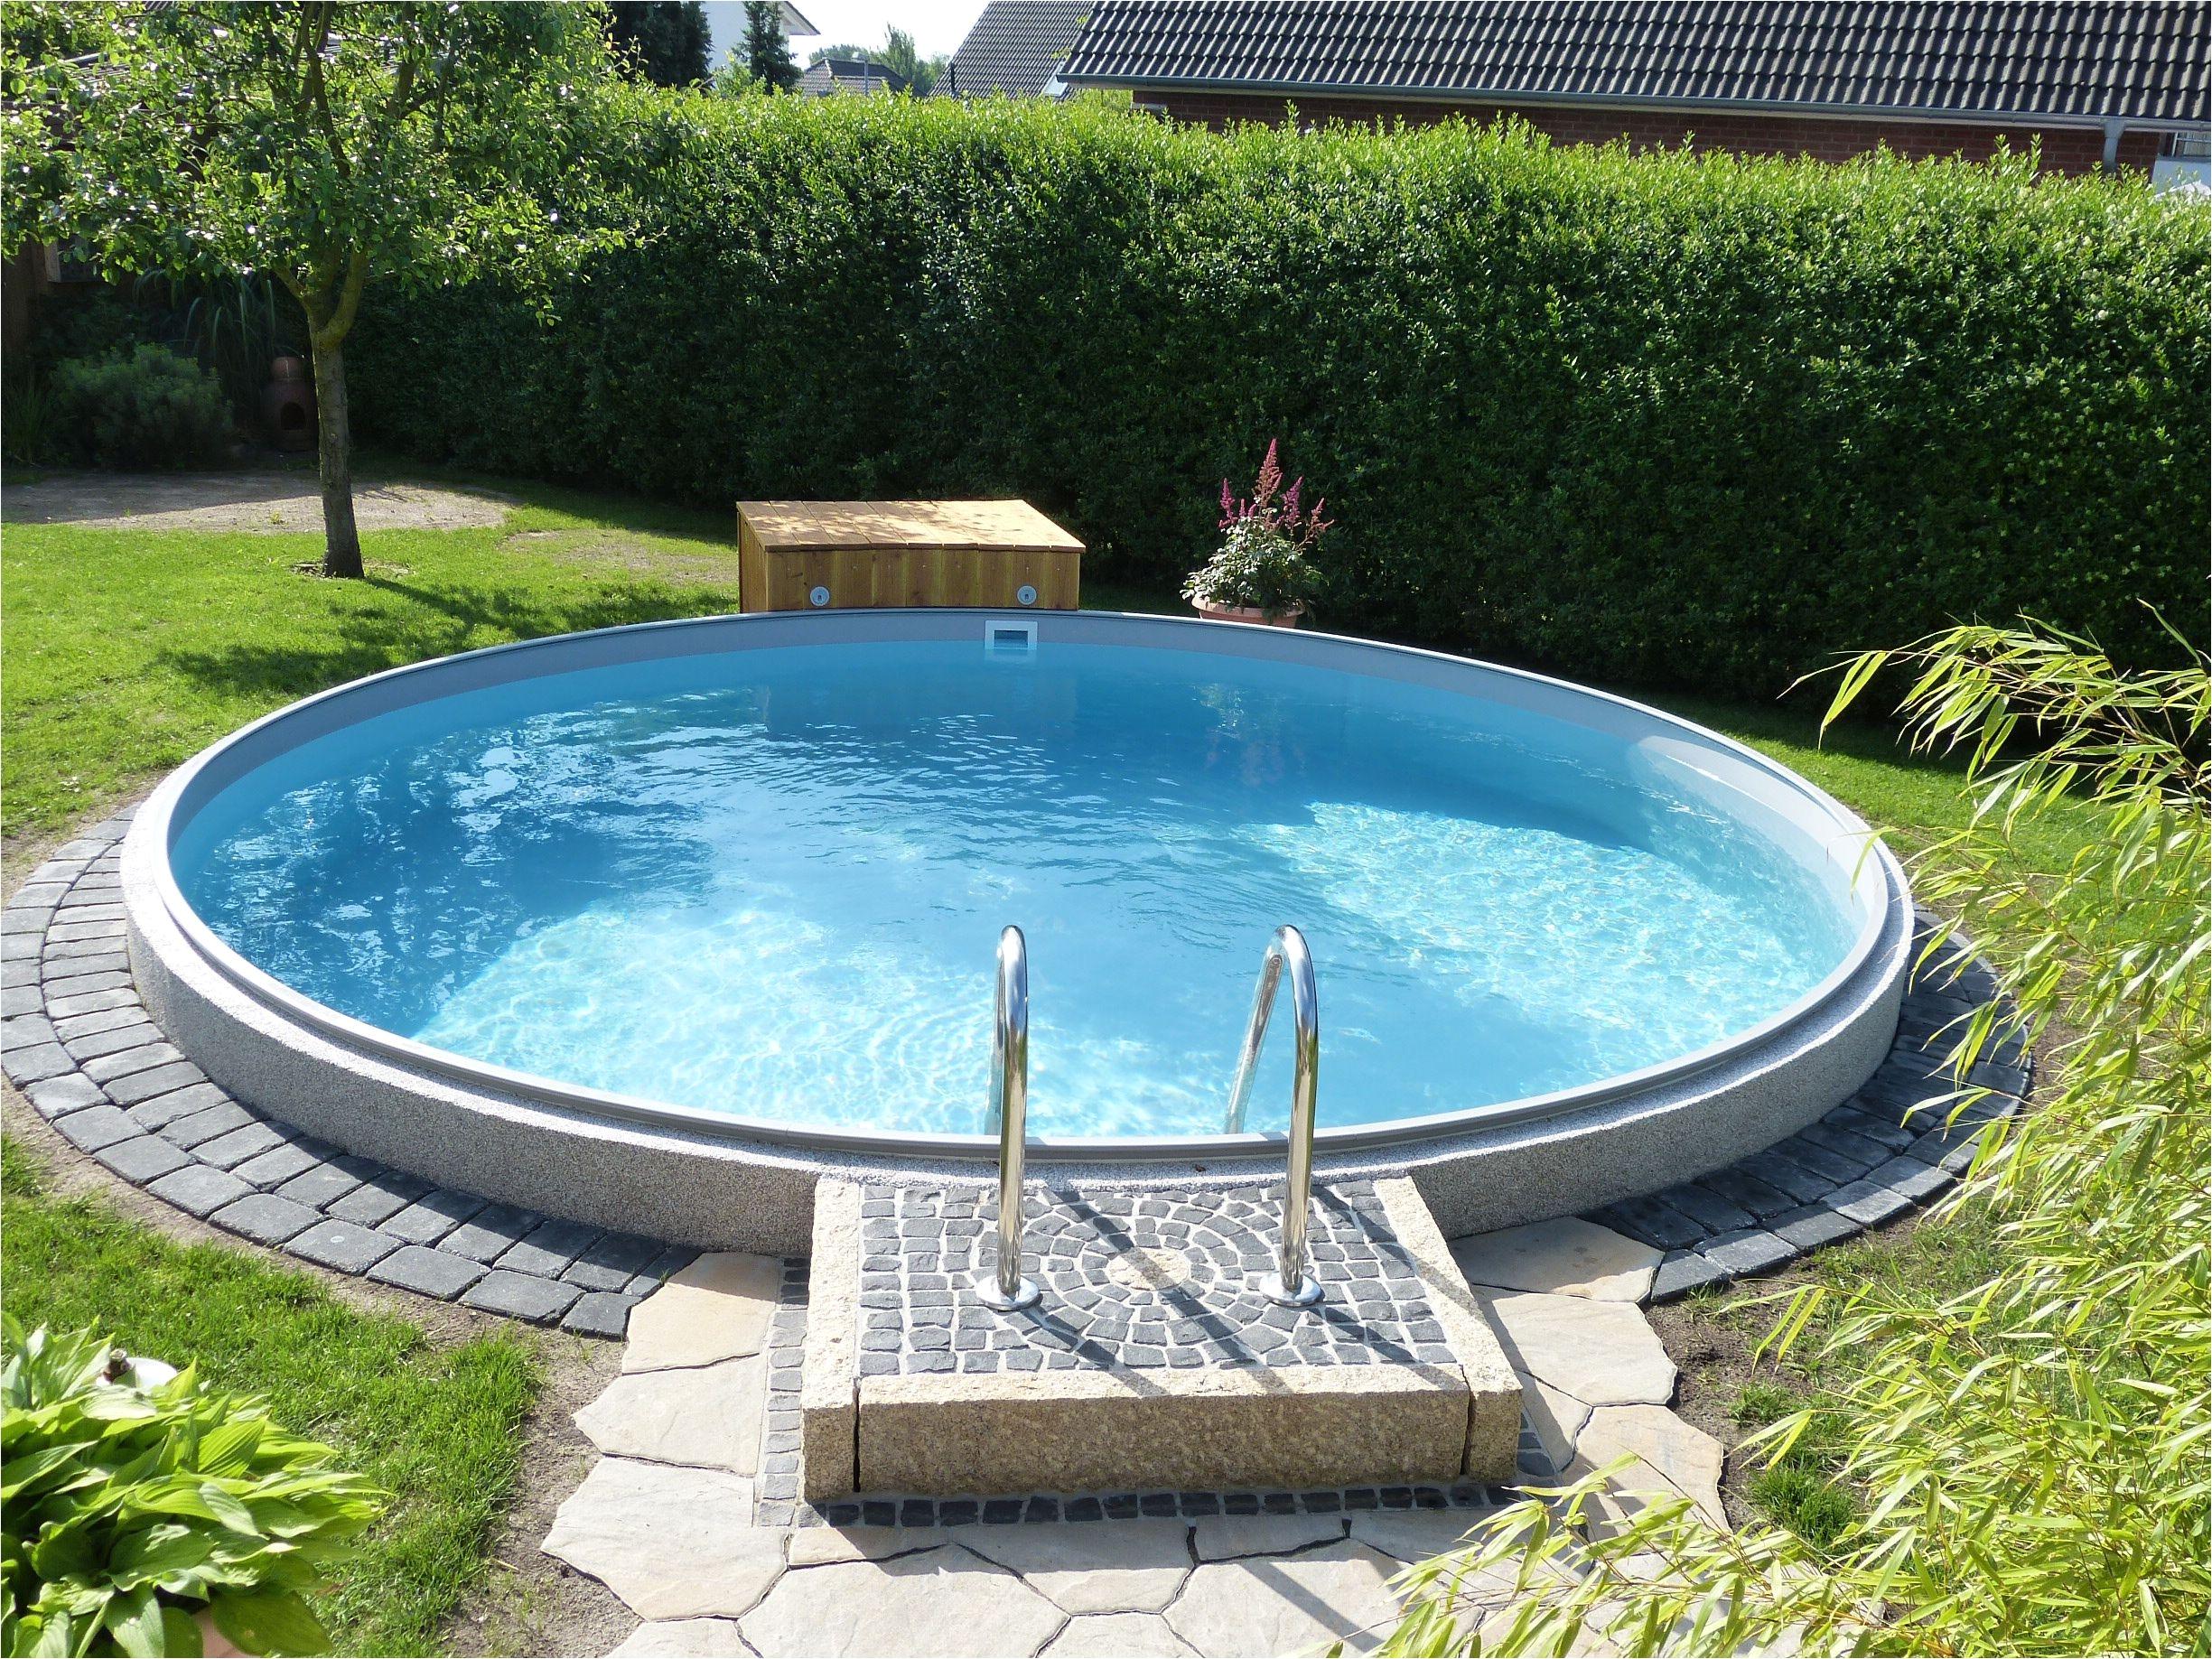 poolakademie de bauen sie ihren pool selbst wir helfen ihnen dabei